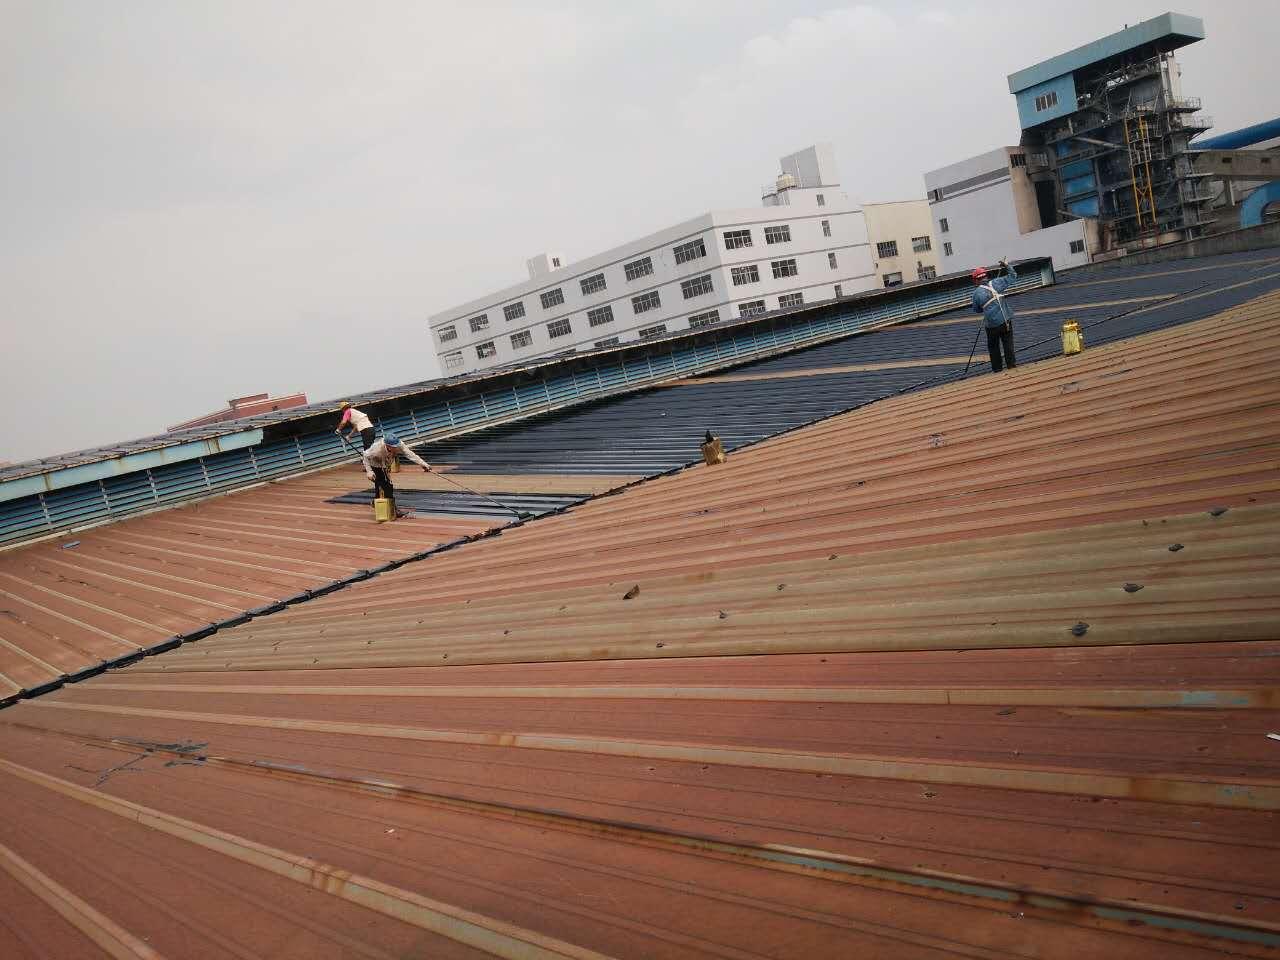 江门蓬江荷塘厂房锌铁瓦彩钢瓦防水防锈翻新补漏